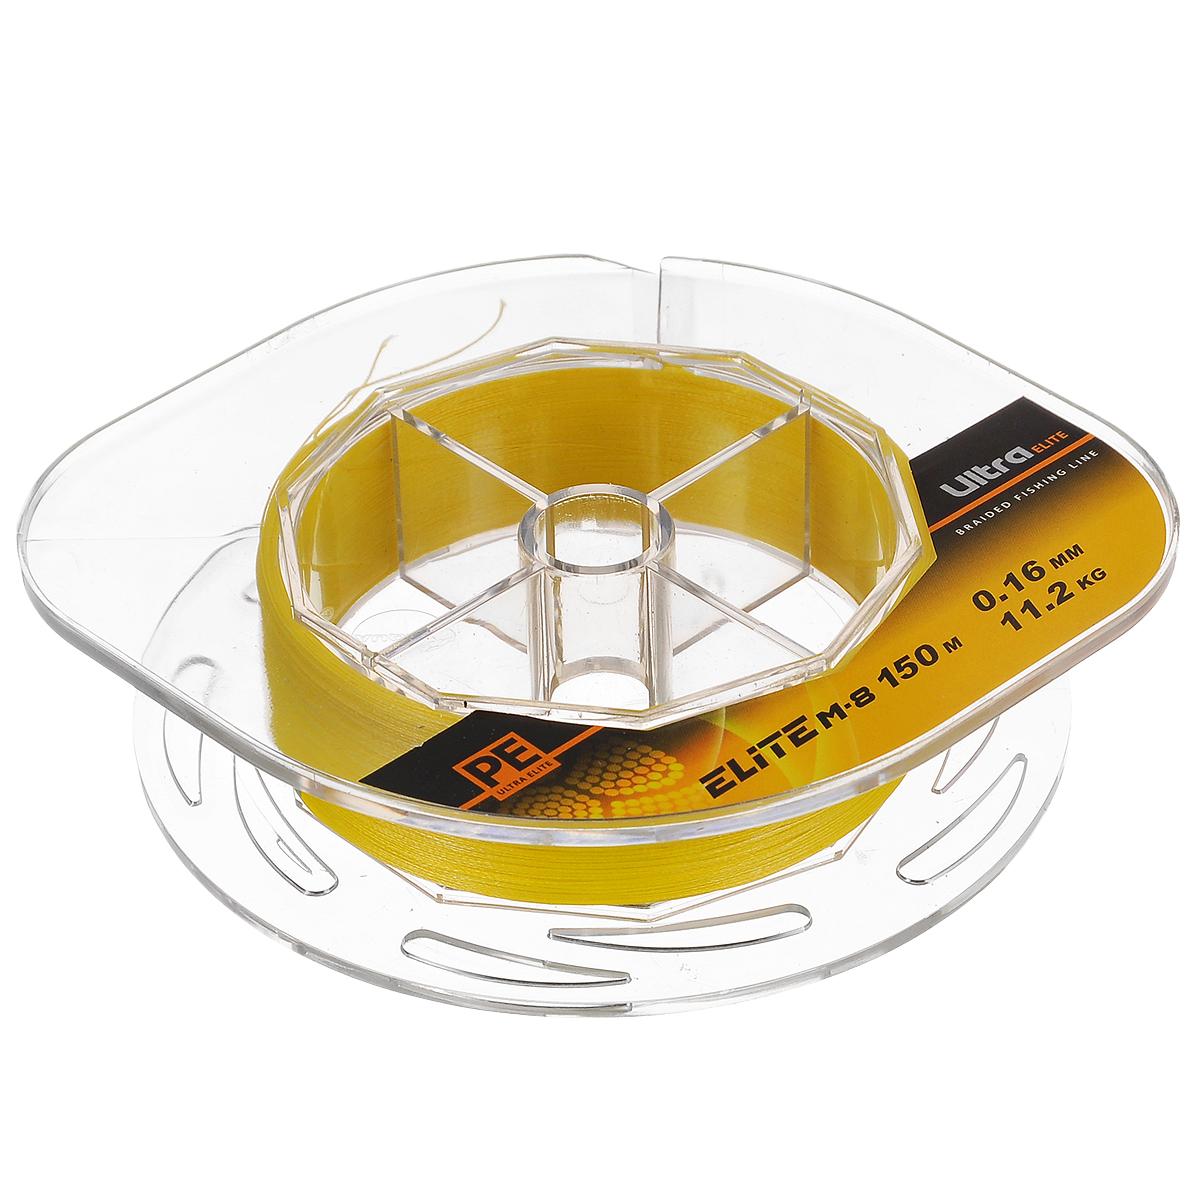 Шнур плетеный Aqua PE Ultra Elite M-8, цвет: желтый, сечение 0,16 мм, длина 150 м10-21-16-YПлетеный шнур Aqua PE Ultra Elite M-8 для спортивной рыбалки изготовлен из 100% материала UHMW PE (ультра-высокомолекулярный пространственно-ориентированный полиэтилен). Идеально круглый шнур из восьми нитей отлично подойдет для самых требовательных рыболовов, не готовых идти ни на какие компромиссы в вопросах выбора снастей. Primary Fiber - первичное волокно диаметром 0,85 микрона. Особенности шнура: Basic Stand - основная нить, состоящая из 30-160 первичных волокон. Braided Line - плетеный шнур, состоящий из 8 основных нитей. Deep Soldering Sea - запатентованная система пропитки и покраски с дополнительной защитой для морской воды. AACP (Anti-Abrasive Coated Protection) - финишное покрытие, защищающее шнур от любого нежелательного механического воздействия. Для привязывания приманки рекомендуется узел Palomar.